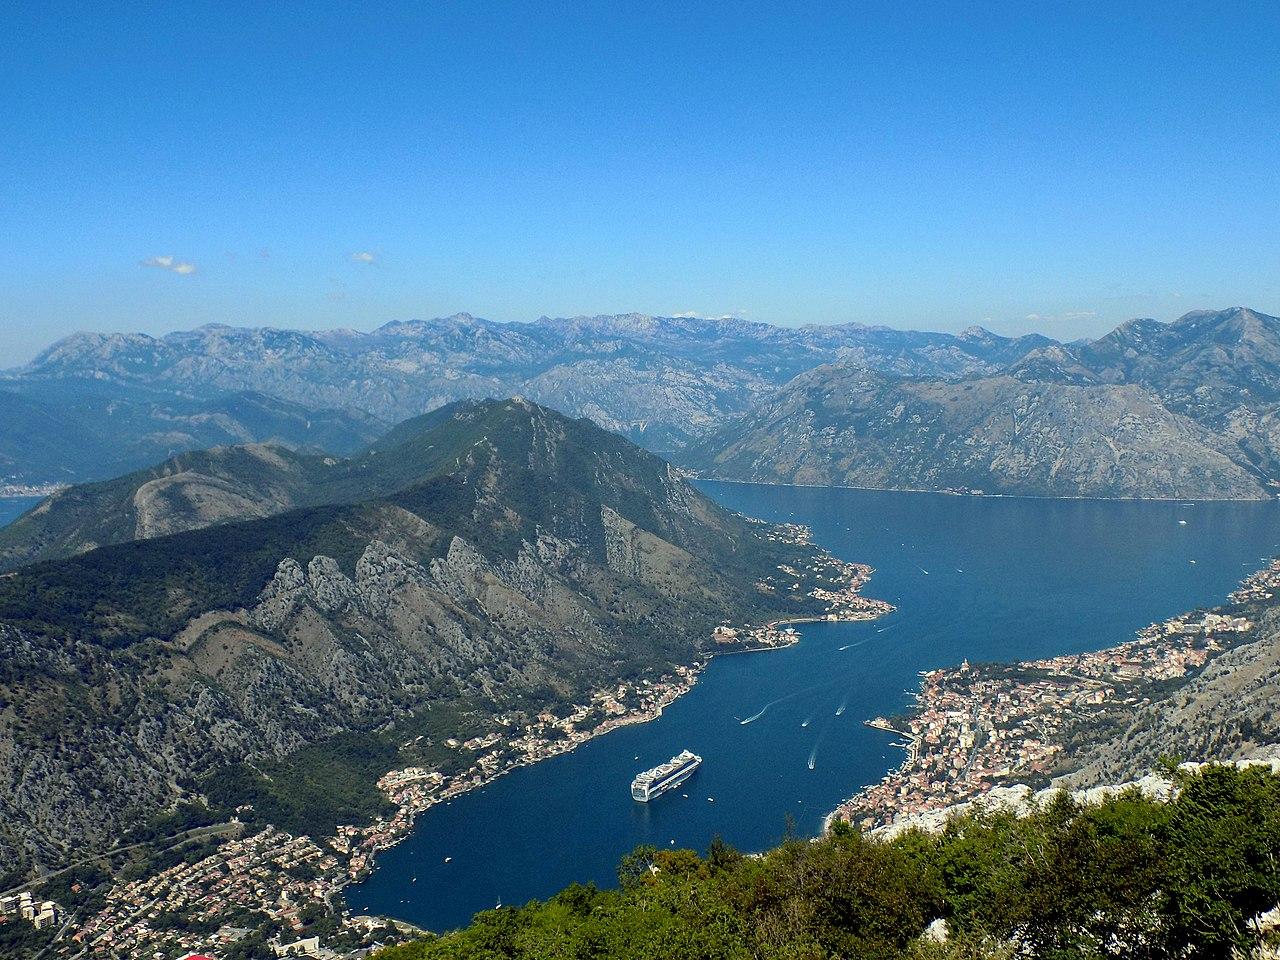 Teluk Kotor, juga dikenal secara lokal sebagai 'Boka Kotorska', atau hanya 'Boka', ditetapkan sebagai Situs Warisan Dunia UNESCO.